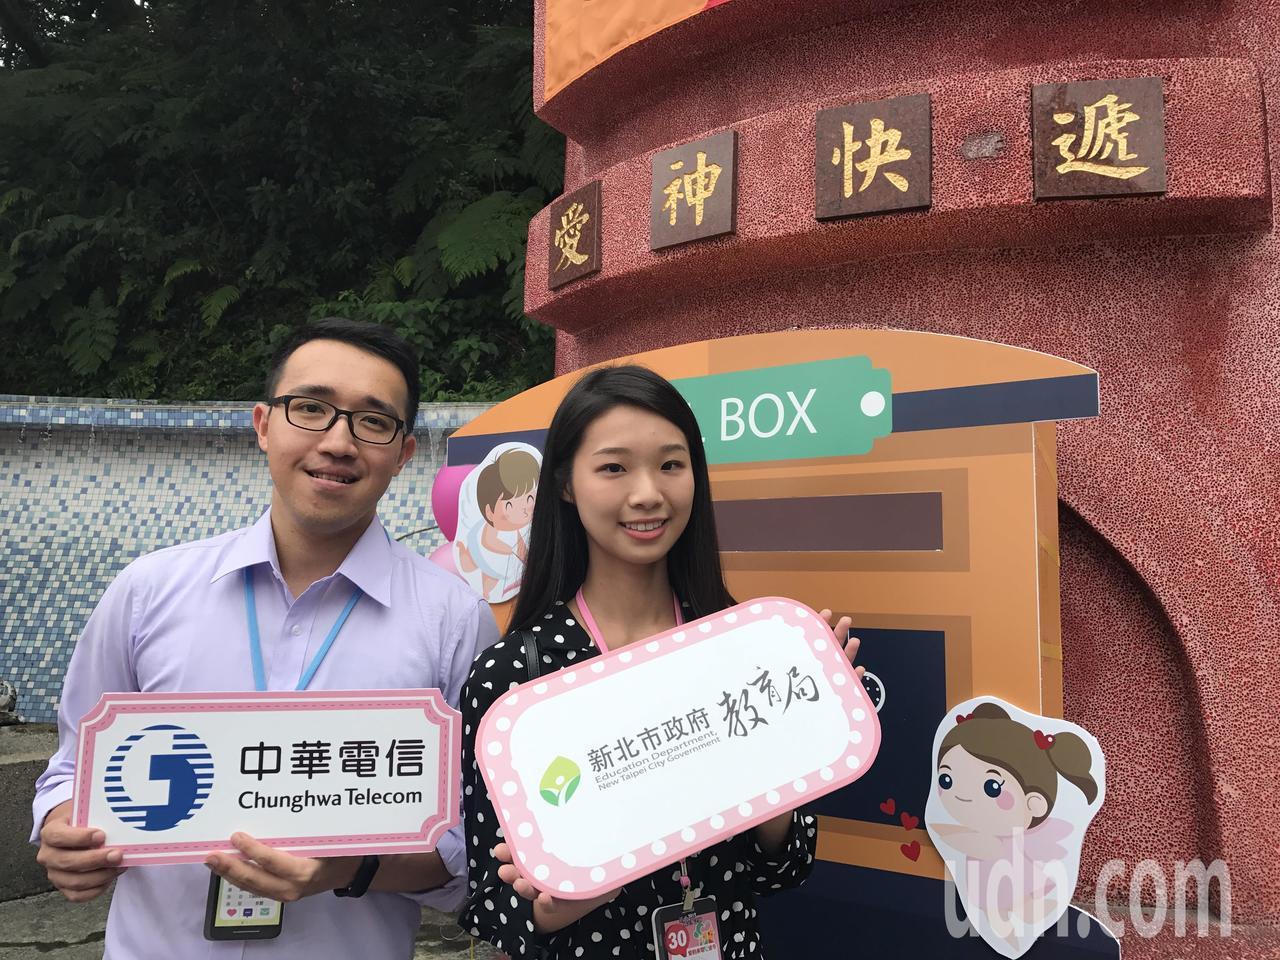 新北市教育局今天早上和人事處,及中華電信,在萬里情月老廟,舉辦科技新貴與教師未婚...